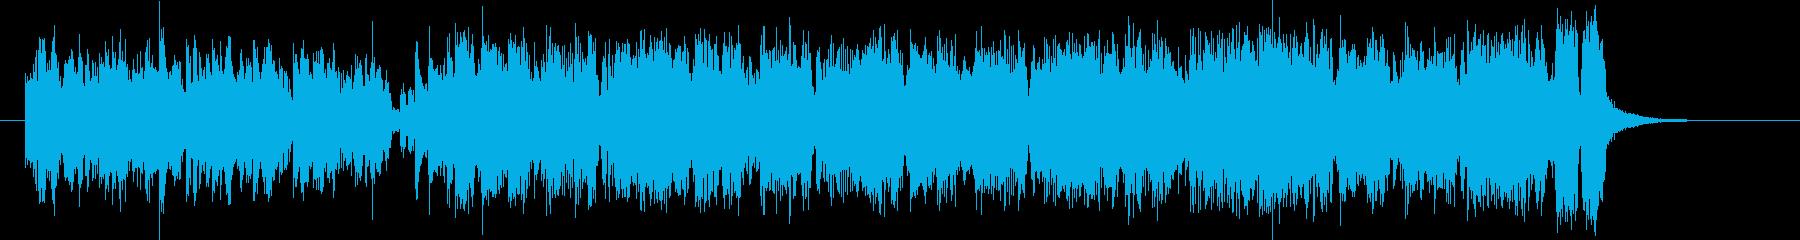 幻想的でありクールなBGMの再生済みの波形